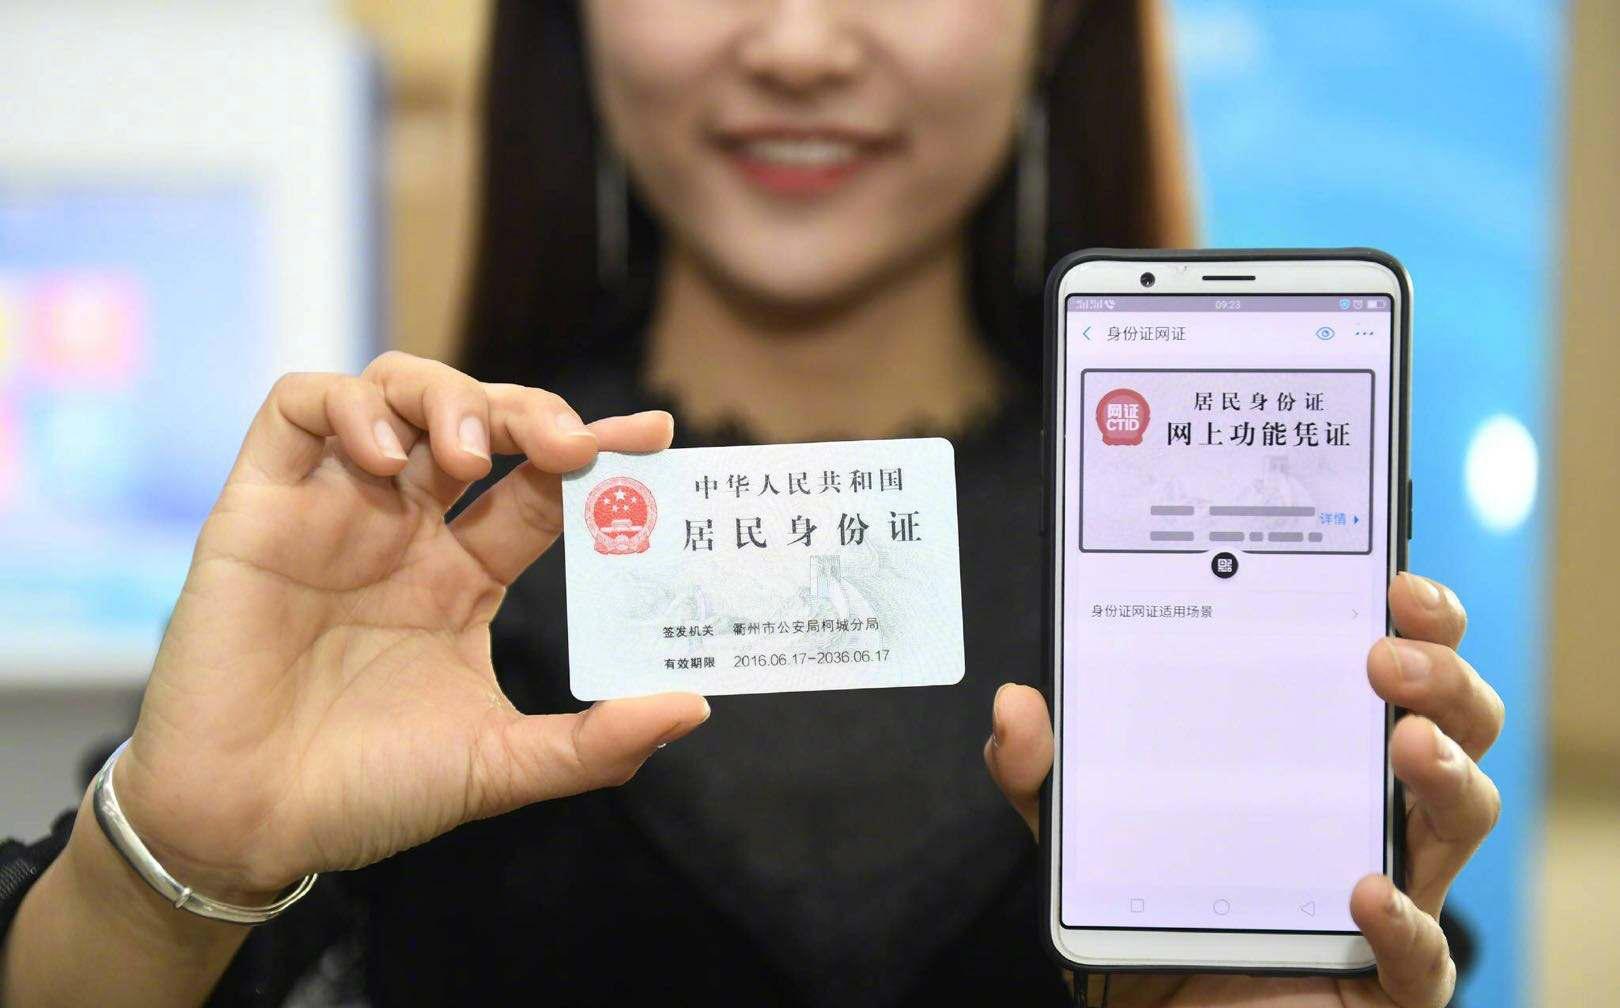 广东警方率先在全国推出居民身份电子凭证